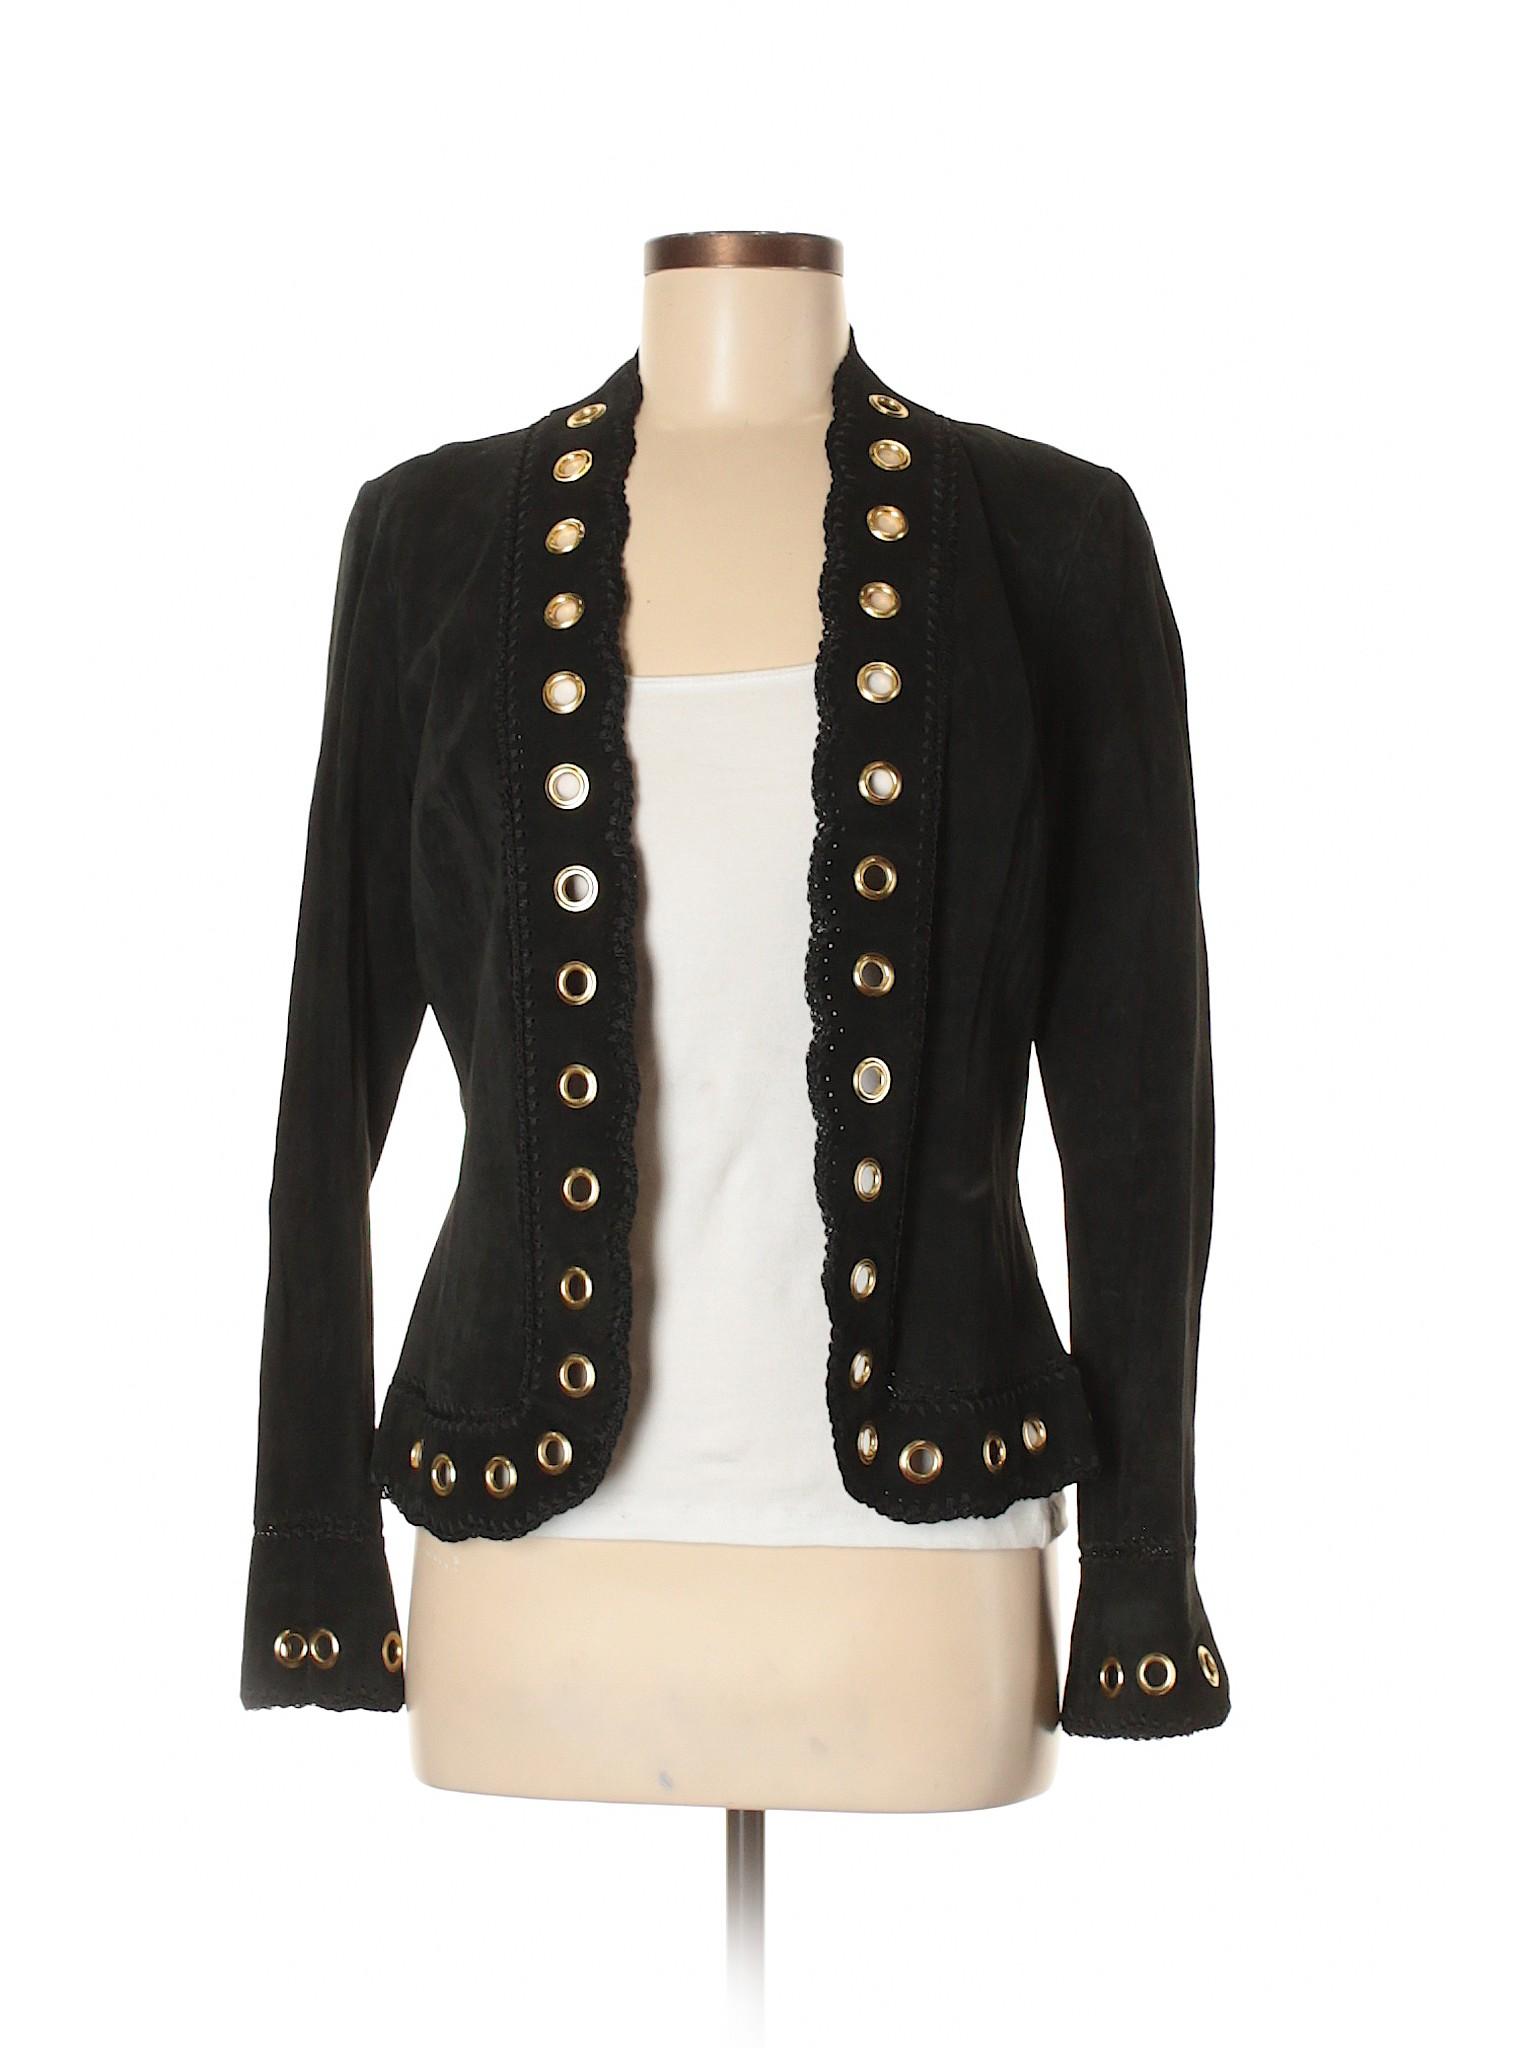 Jacket Cache Boutique leisure leisure Boutique Leather wxxXr7Ztq